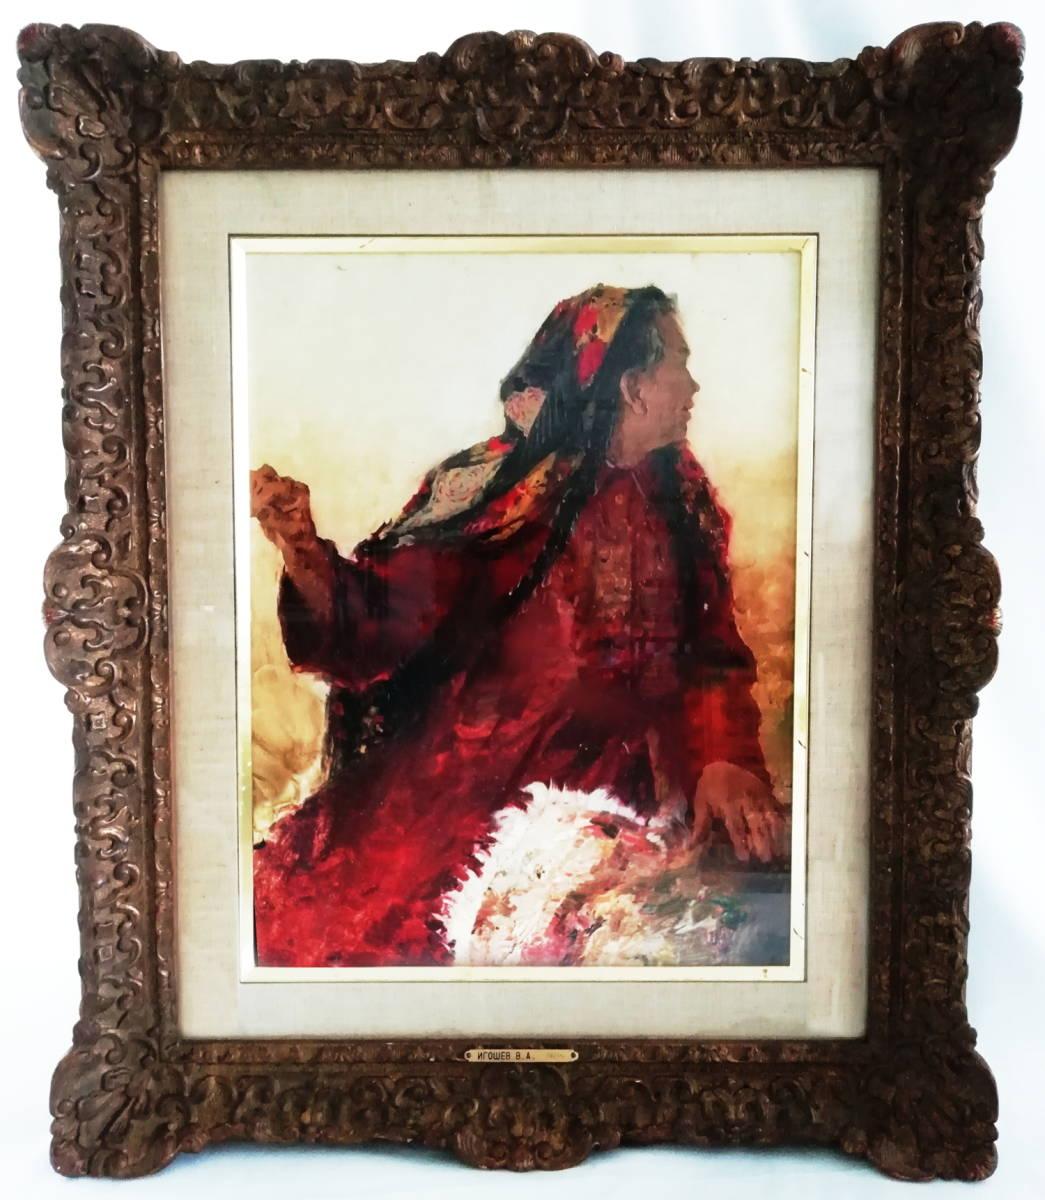 【真作】 現代ソビエト絵画 イゴシェフ B・A 「住みなれた小屋へのエチュード」 月光荘取扱い 【管理No.MT14】